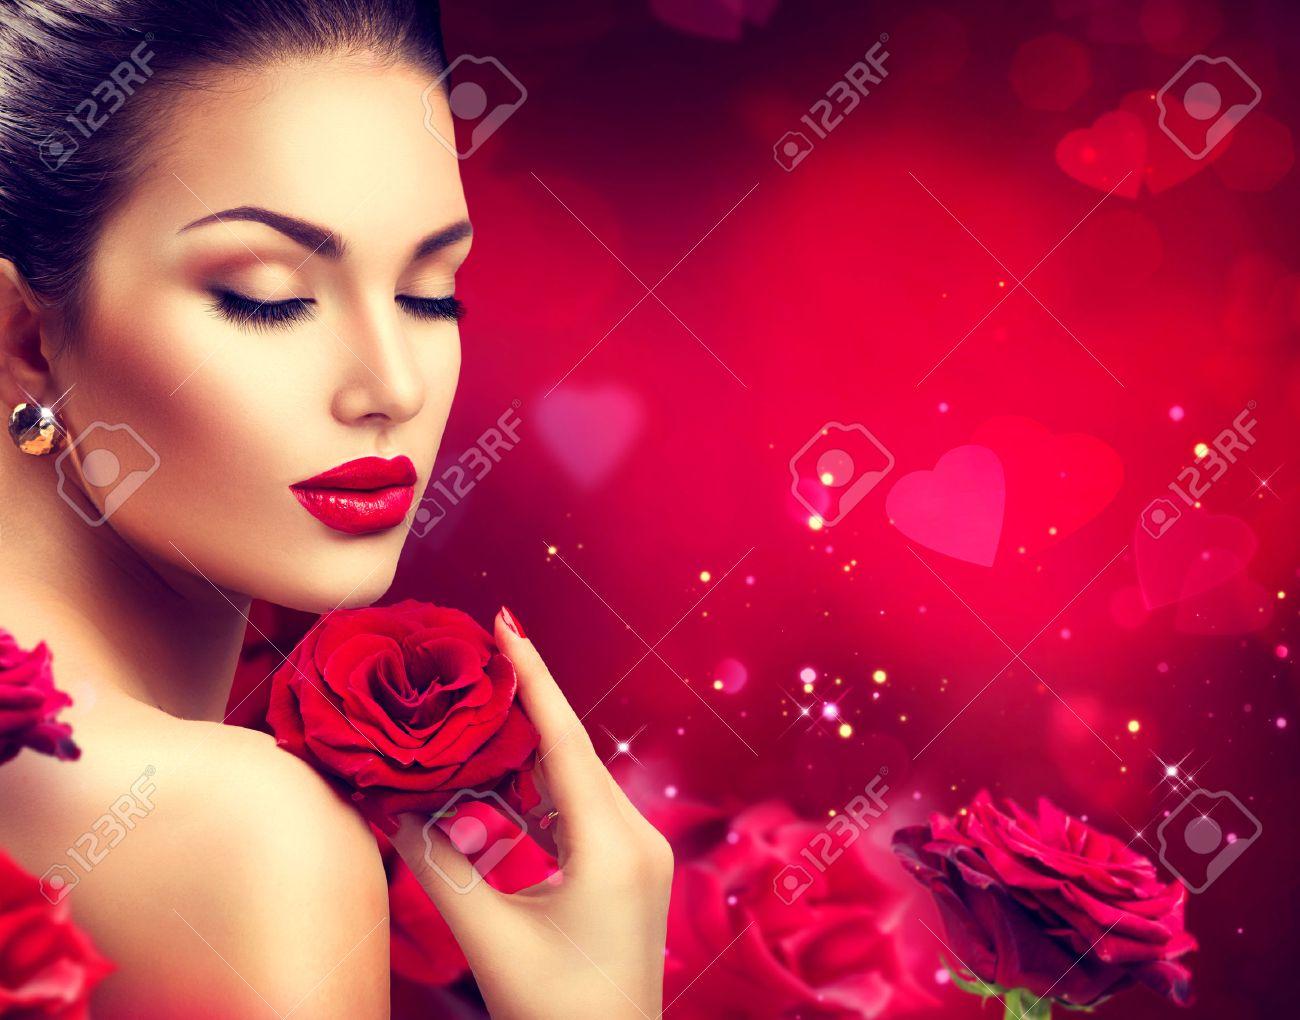 10787e32b87 Foto de archivo - Mujer de la belleza romántica con flores rosas rojas. Día  de San Valentín